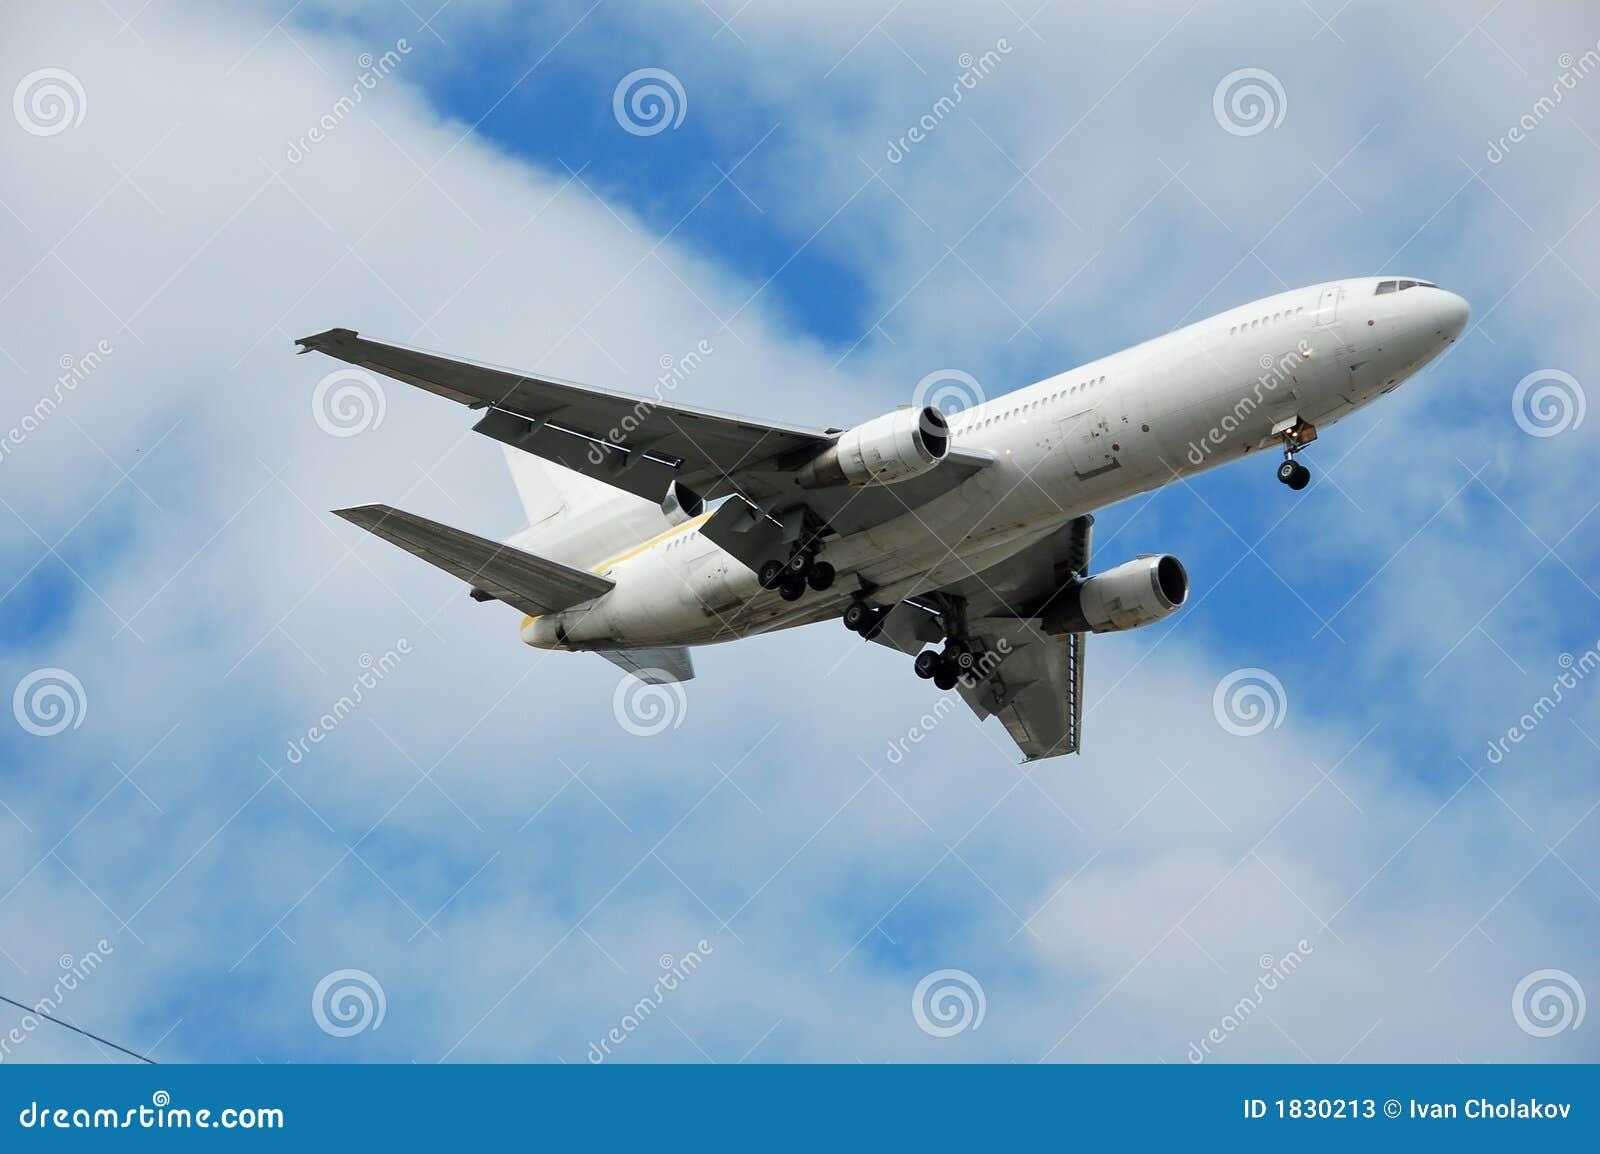 реактивный грузовой самолет неотмеченный